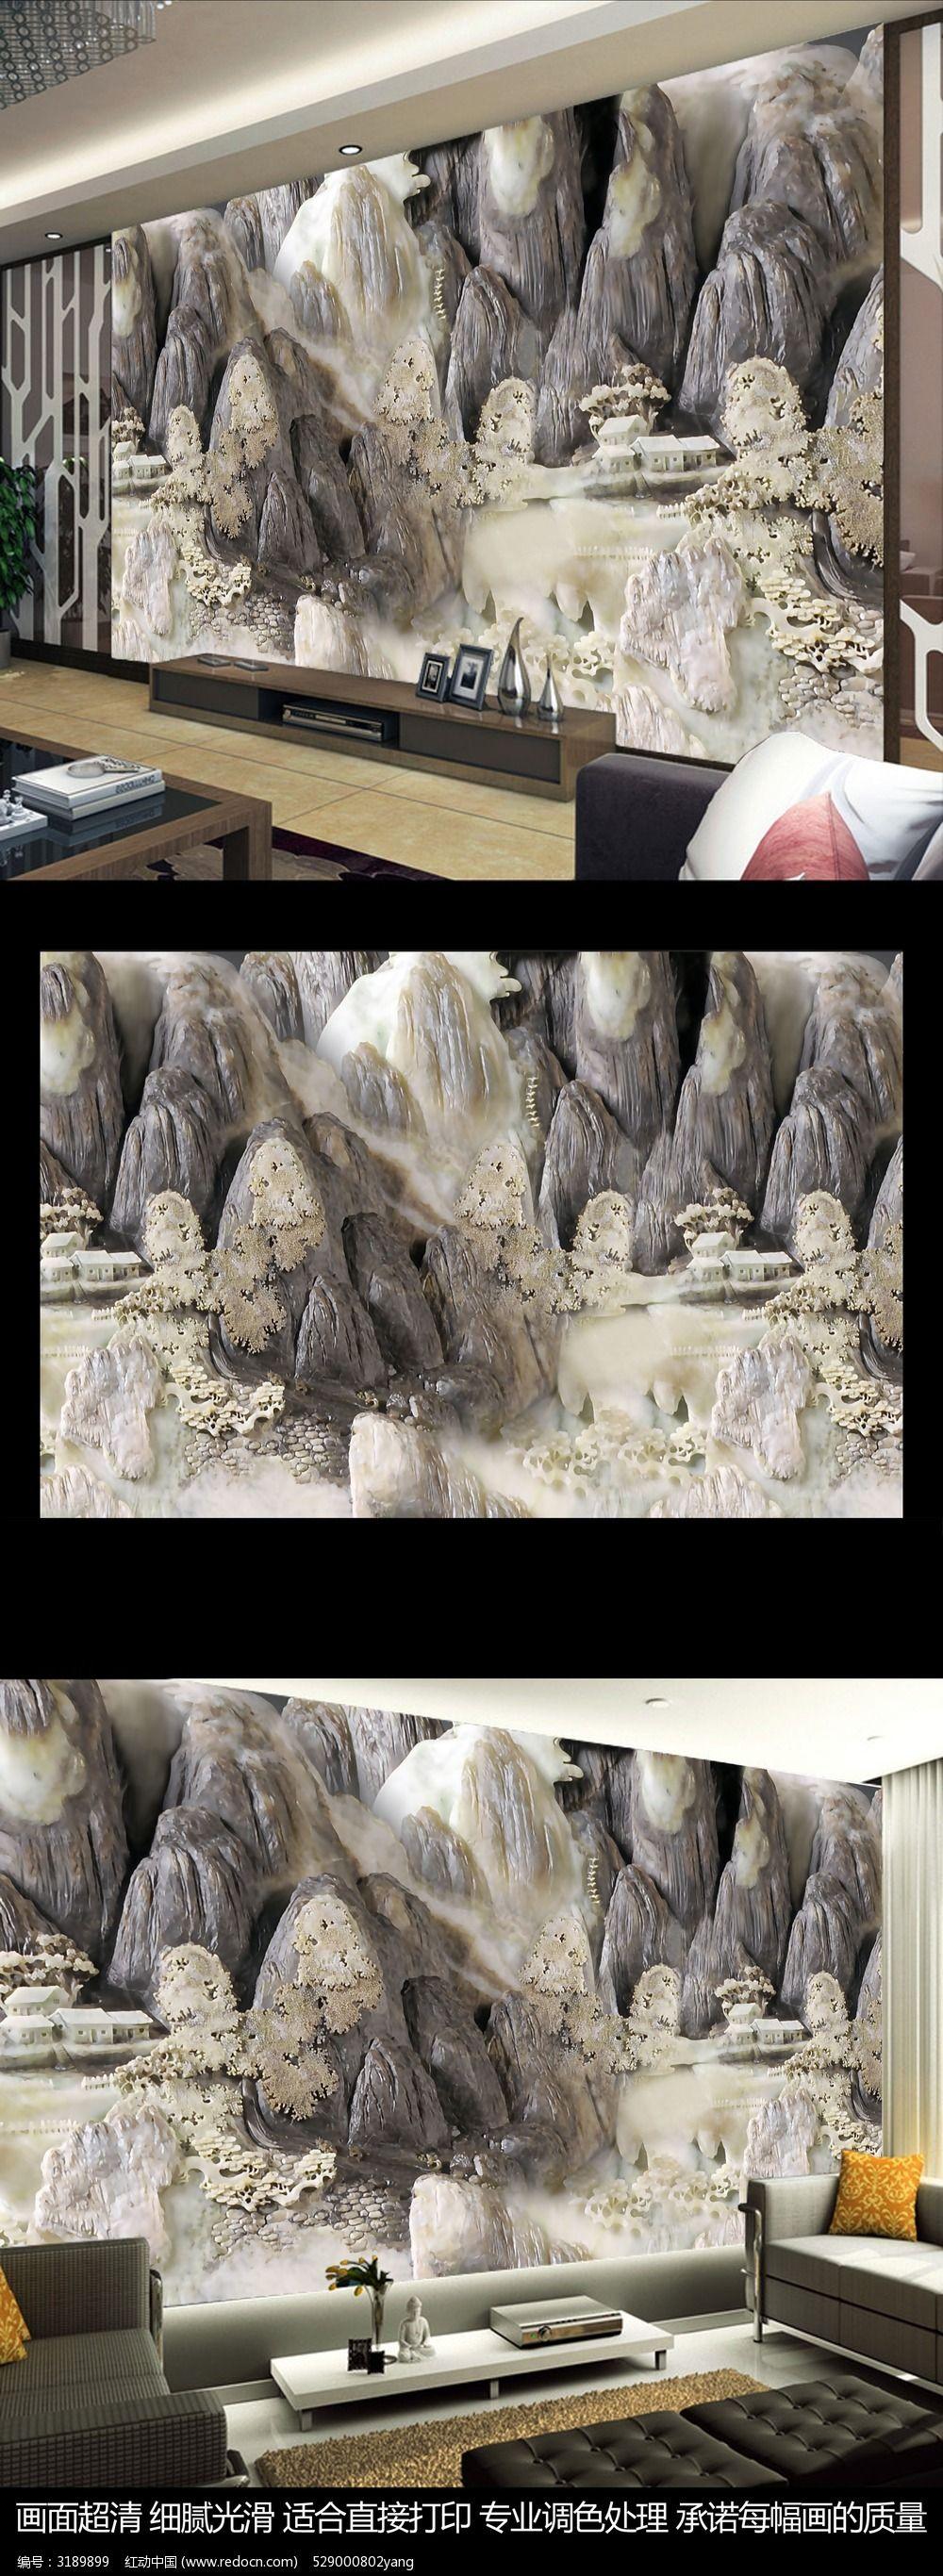 玉雕中式古典山水壁画背景墙设计图片